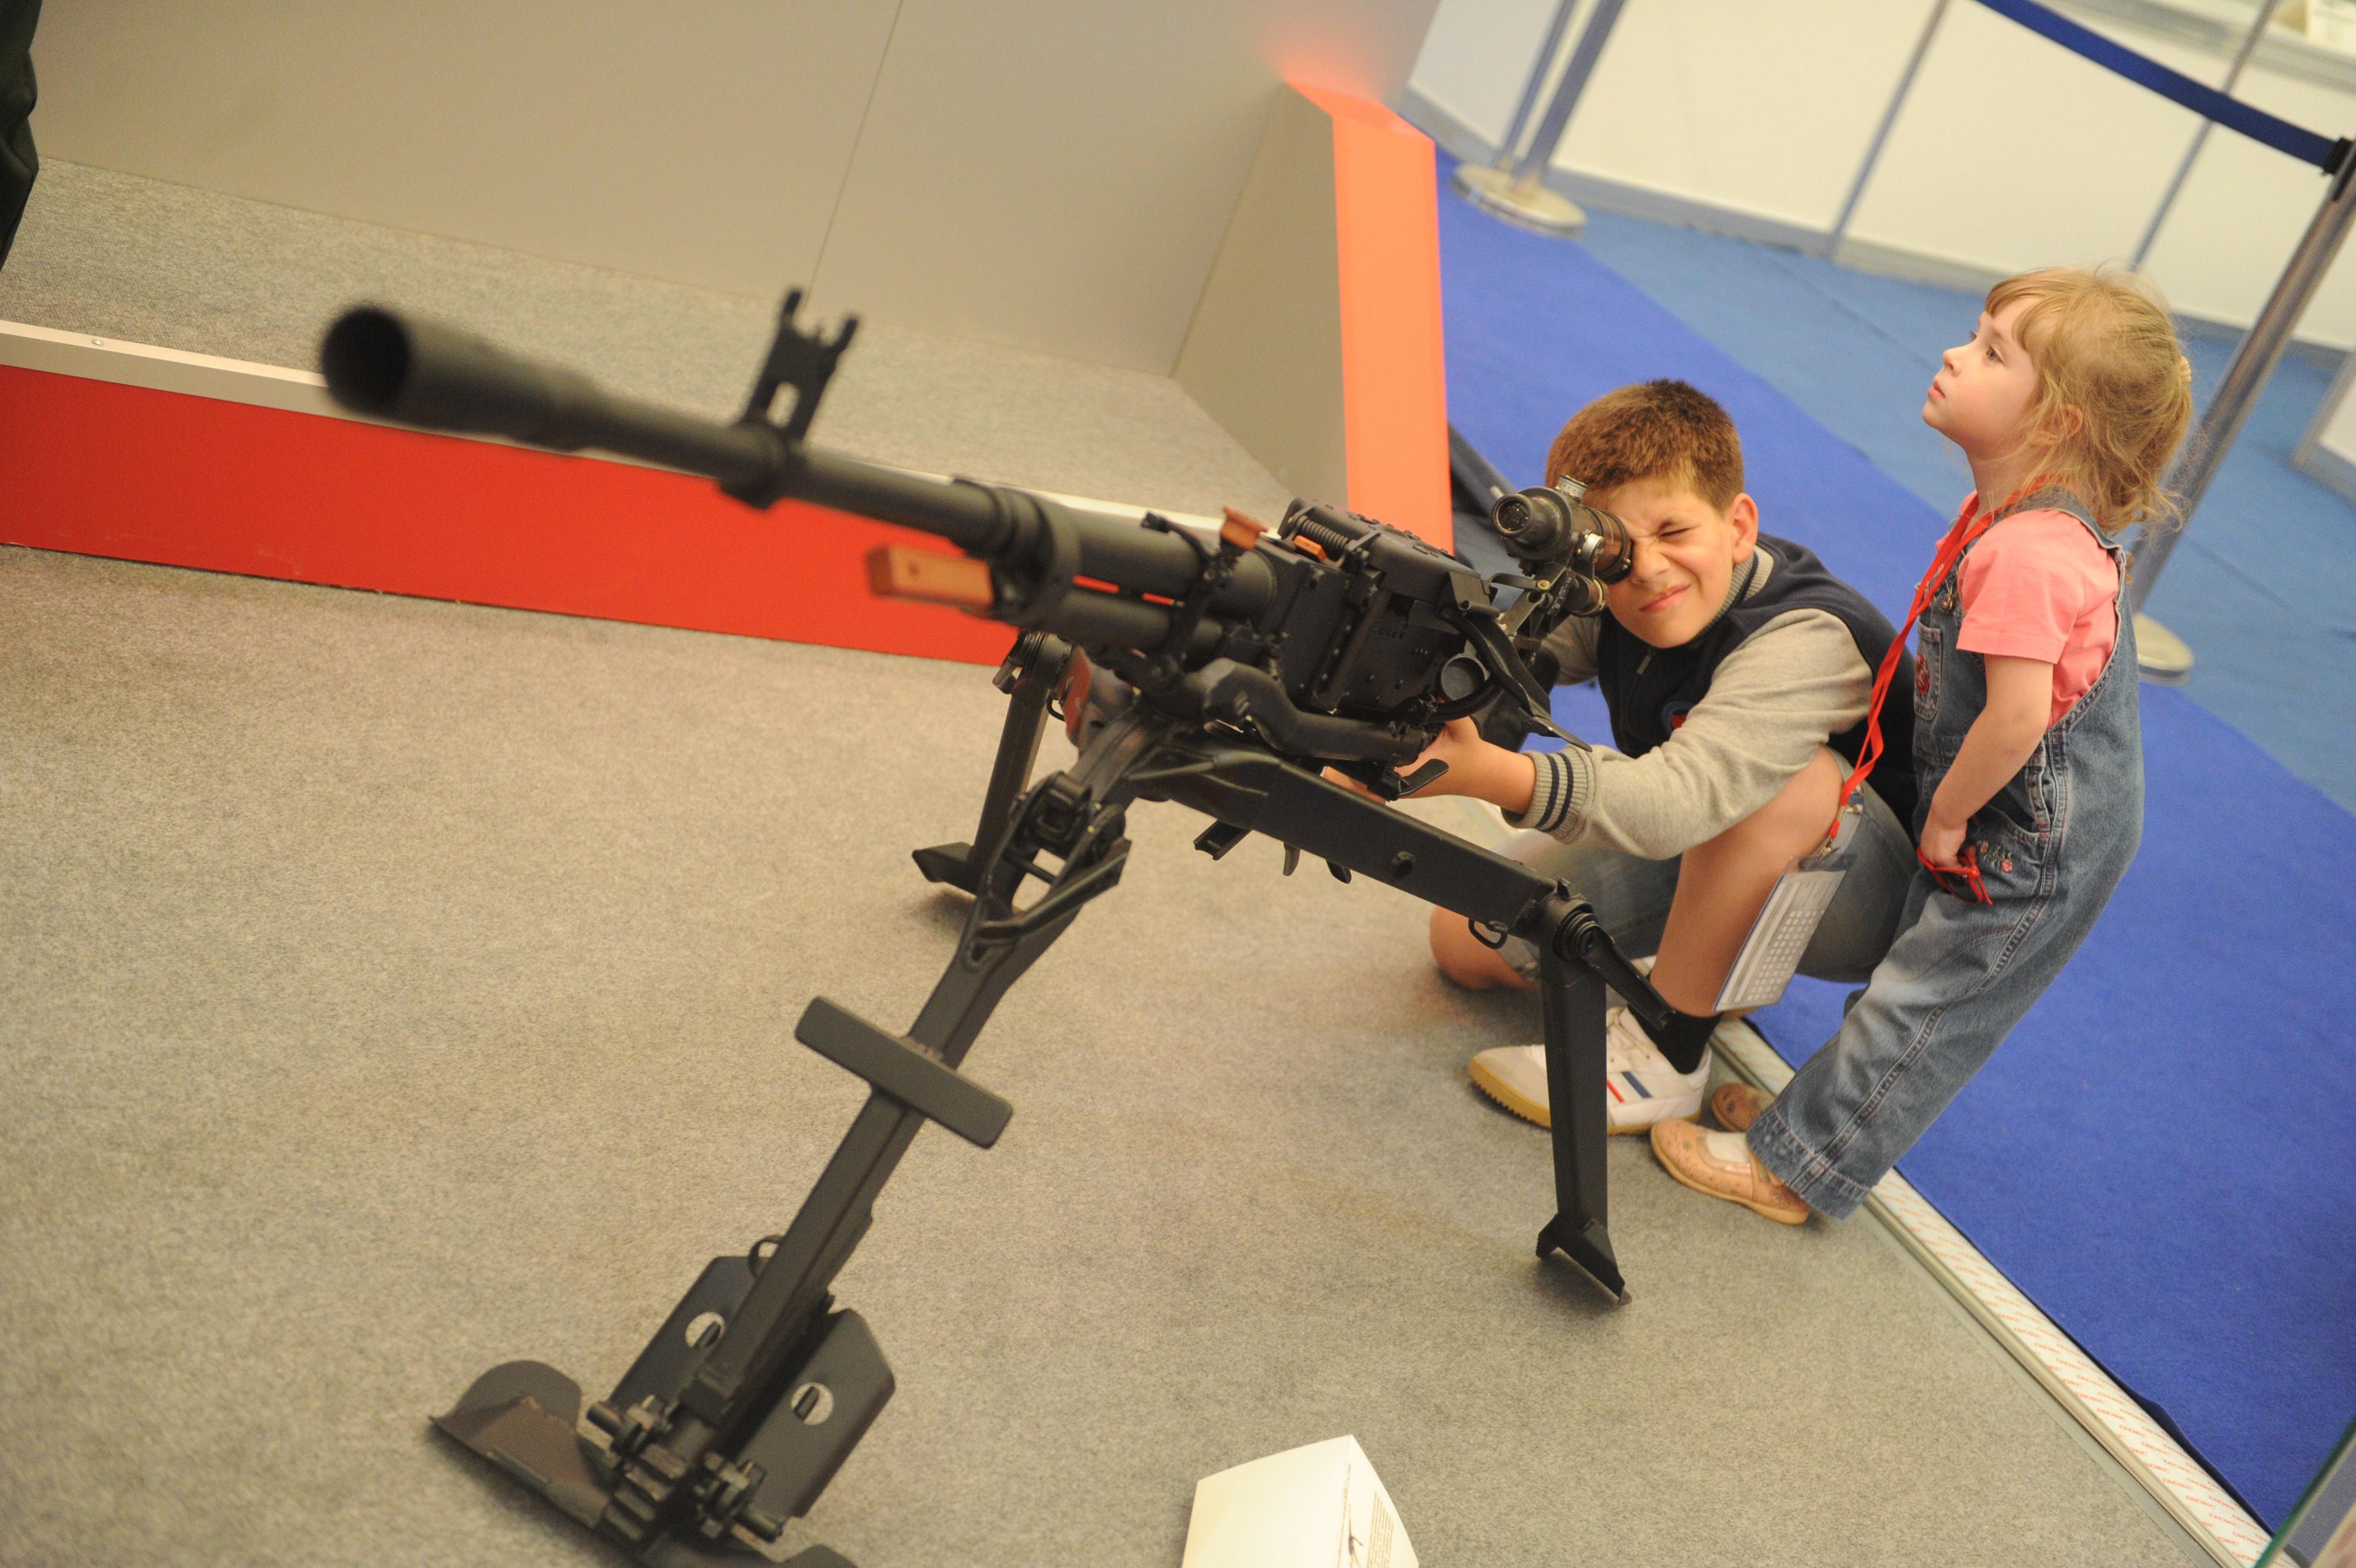 Коллекцию холодного оружия иружье отыскали вквартире наЛенинском проспекте